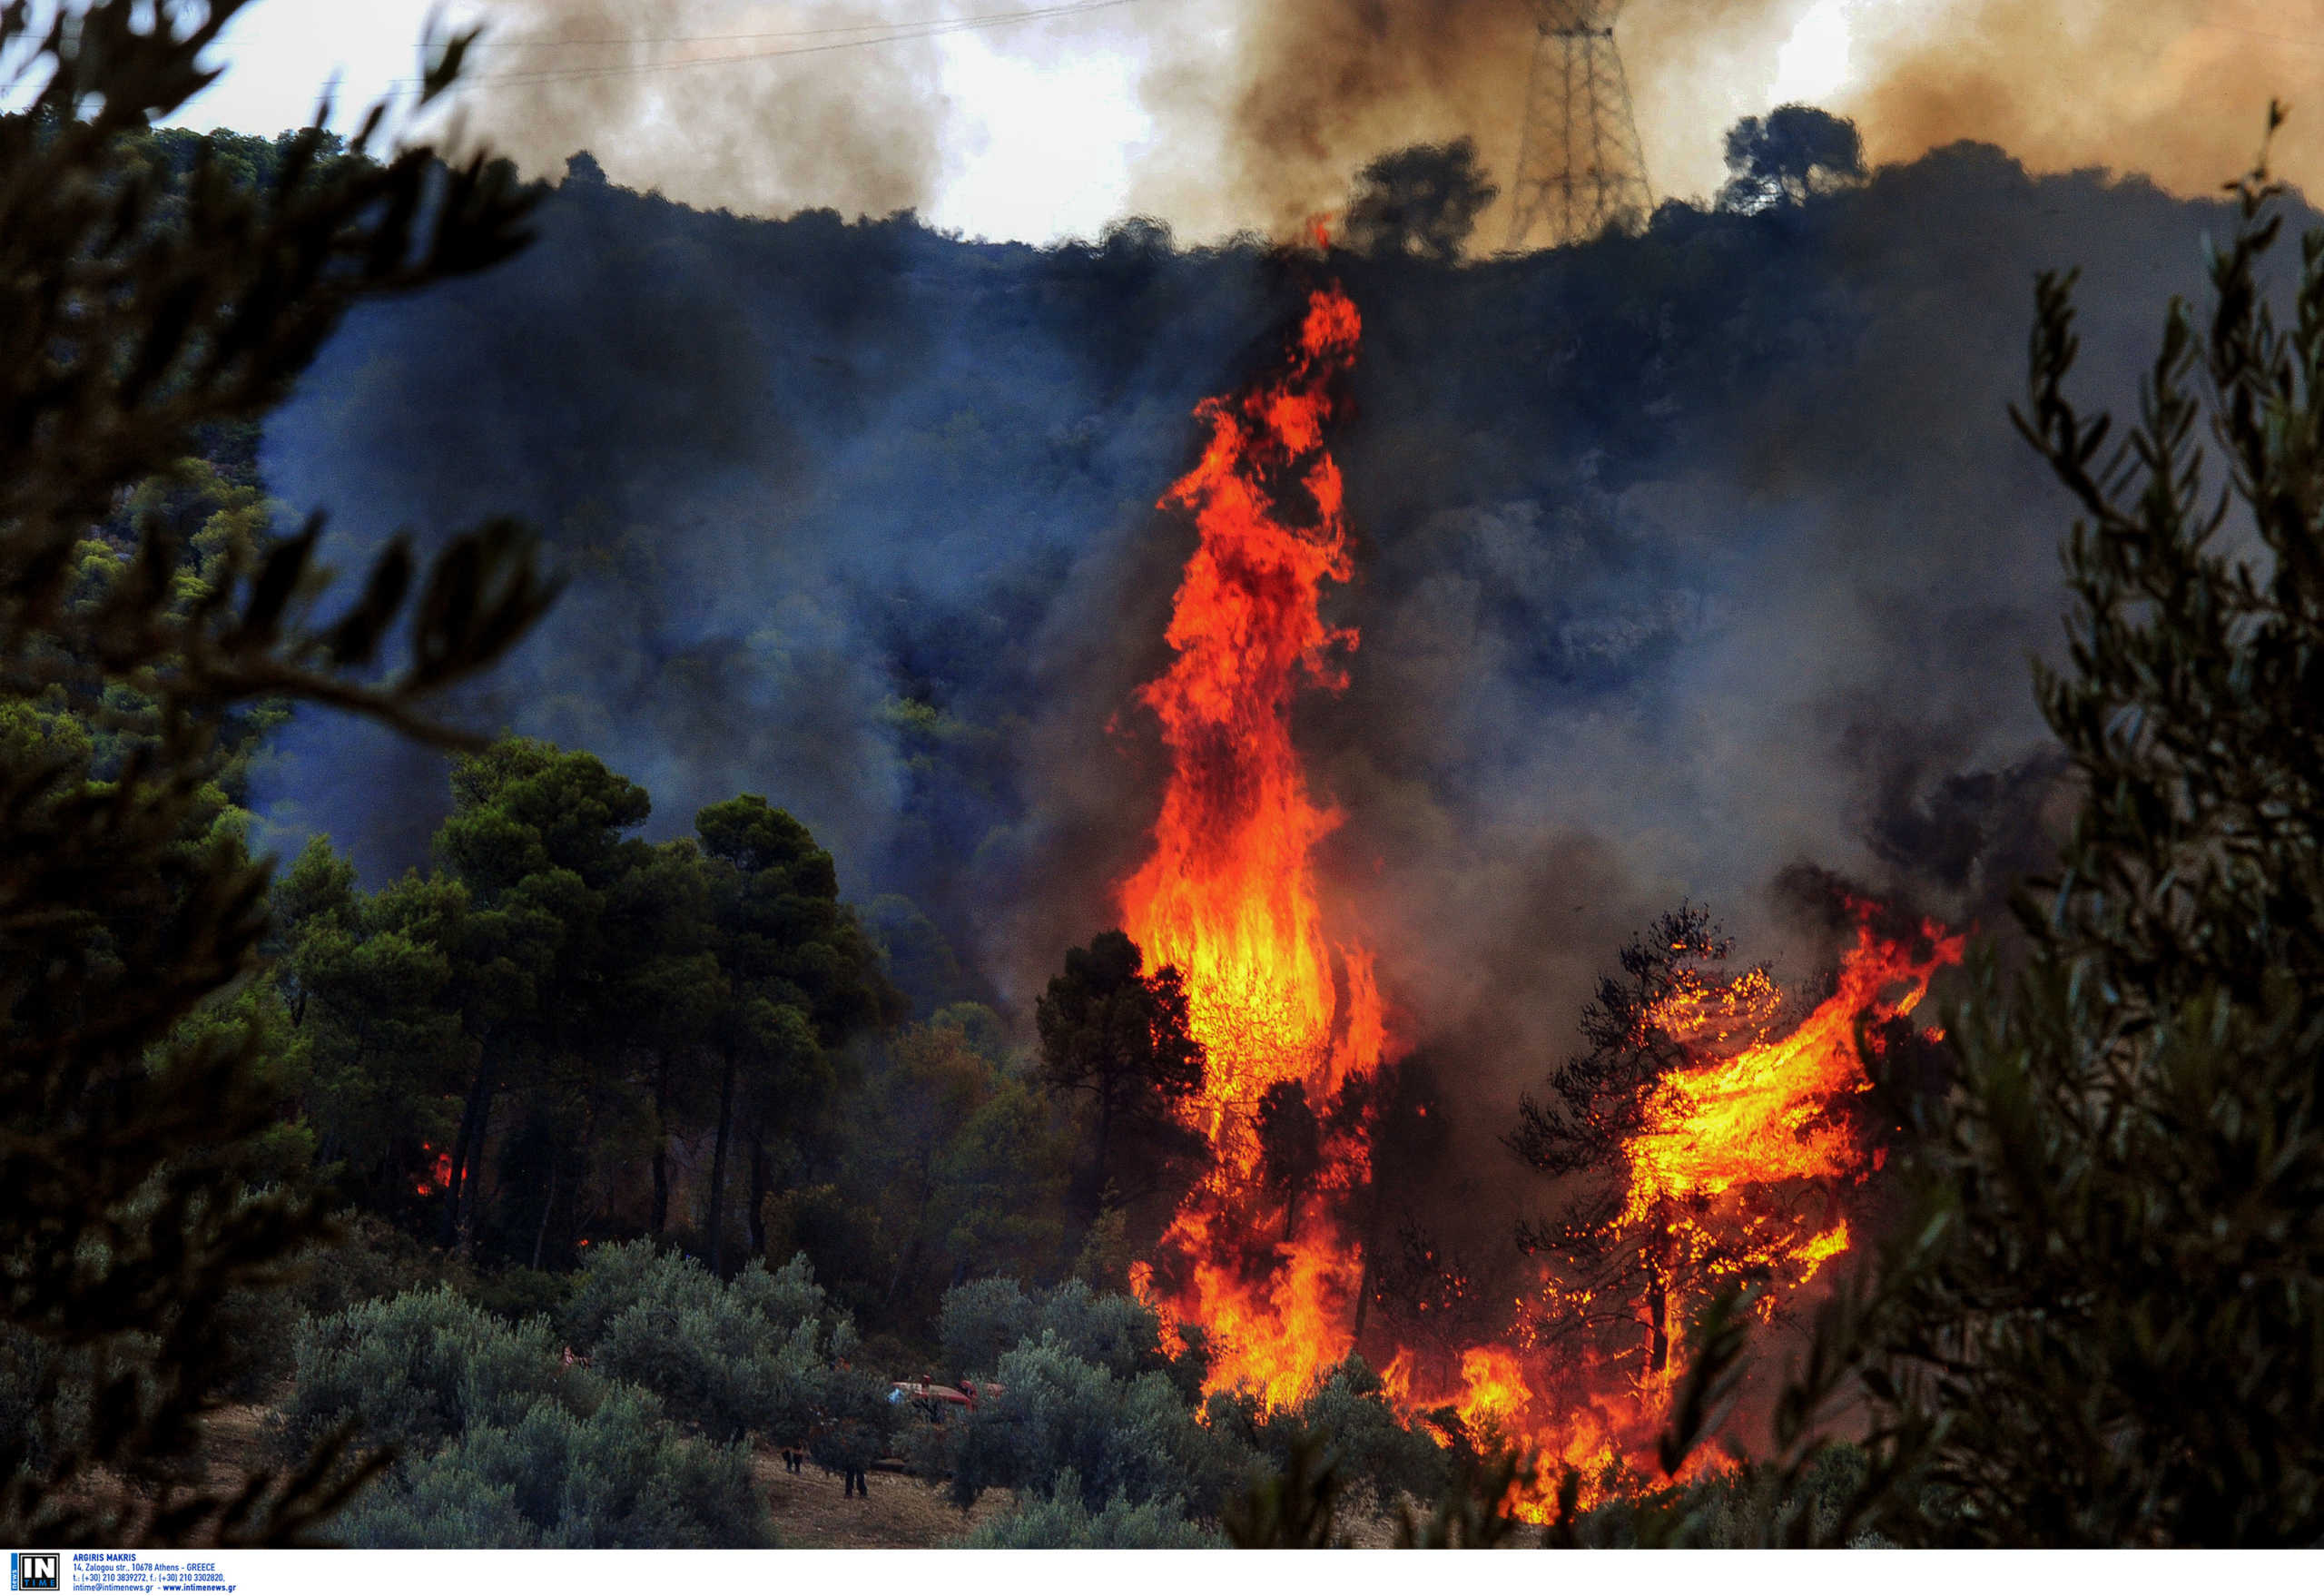 42 δασικές πυρκαγιές τις τελευταίες 24 ώρες